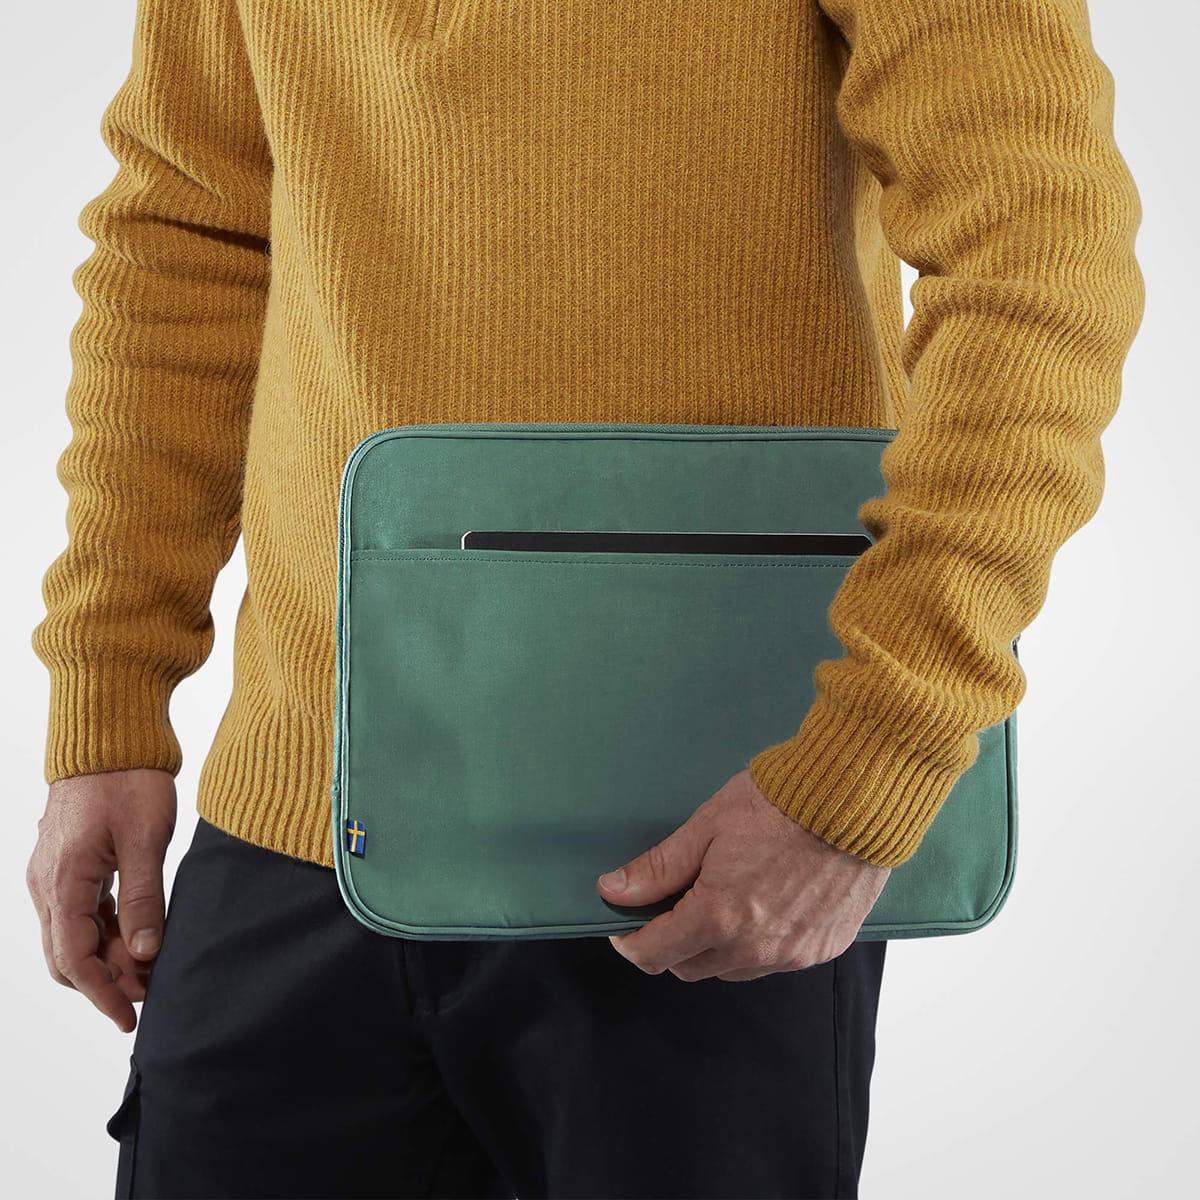 Kanken laptop case 13 23787 Fjallraven shop.pl